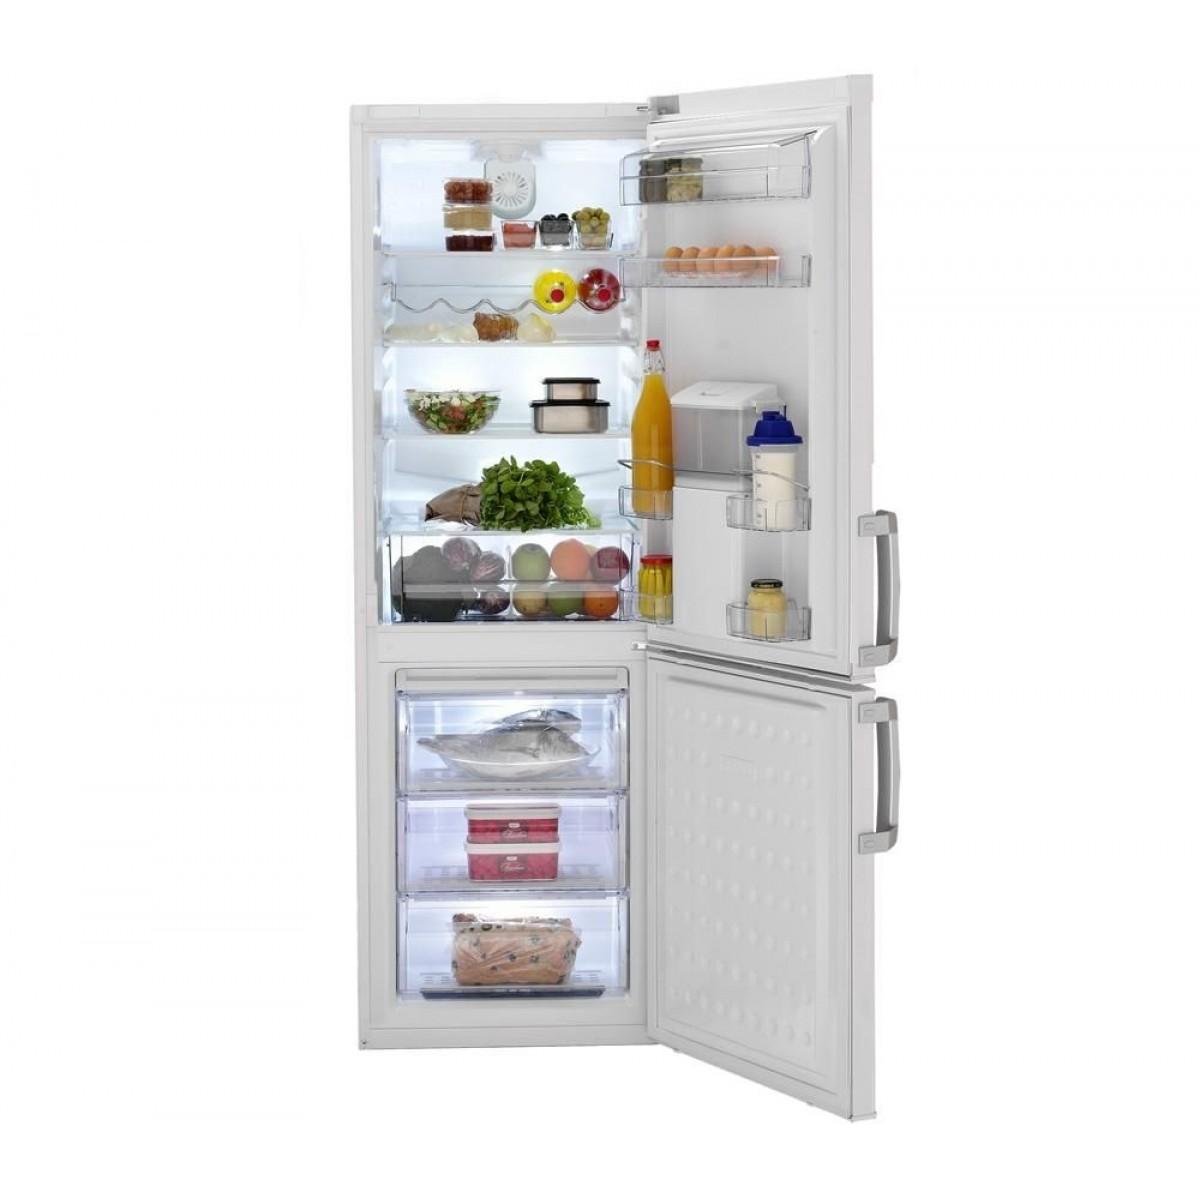 refrigerateur combin beko de 250 litres avec distributeur d 39 eau fraiche ch134100d. Black Bedroom Furniture Sets. Home Design Ideas